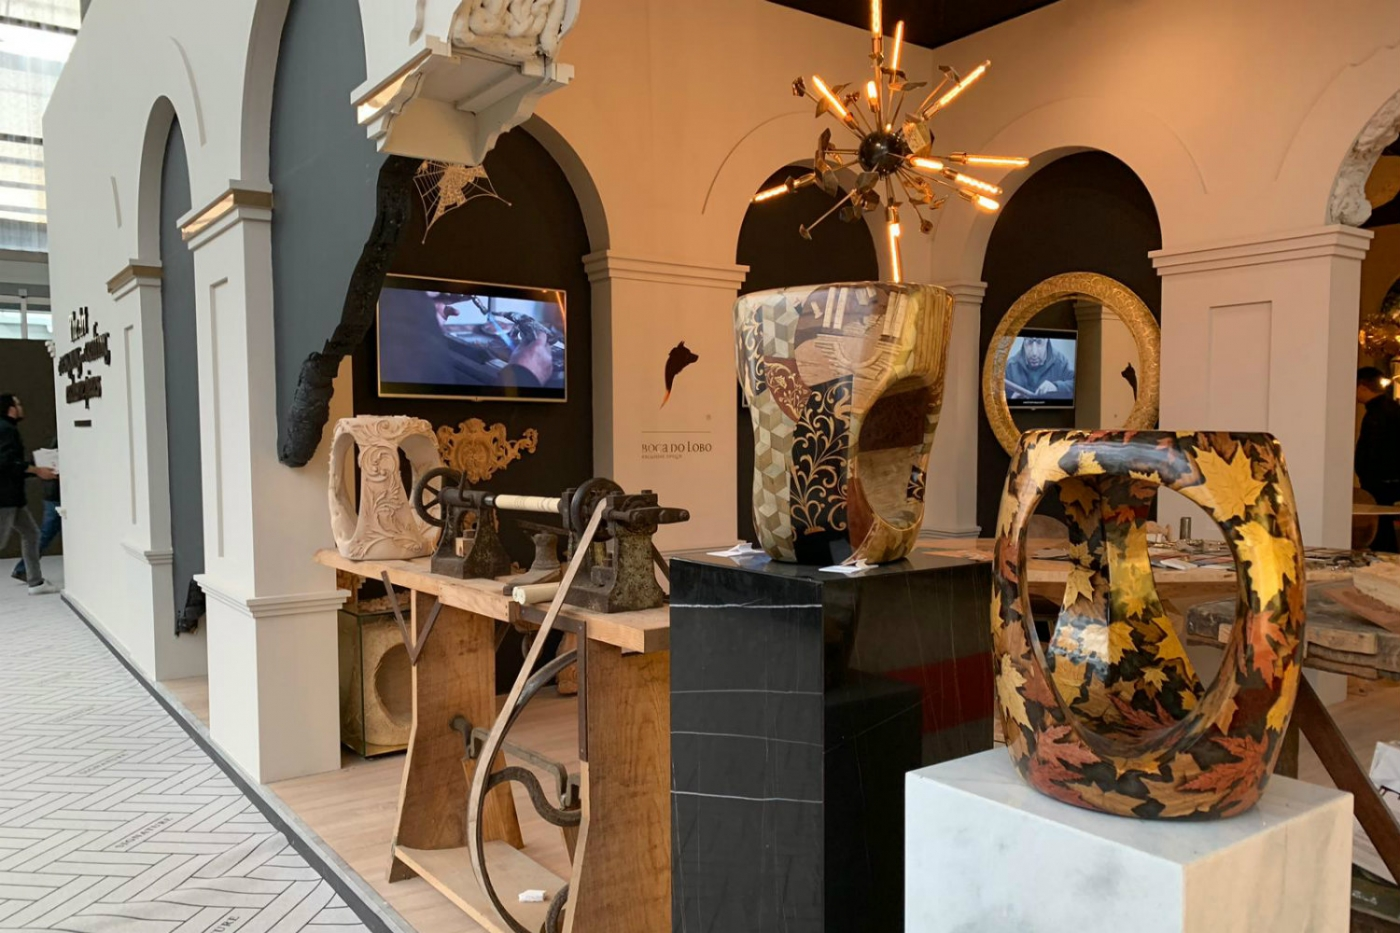 maison et objet Highlights of Boca do Lobo at Maison et Objet Feature 1 1400x933